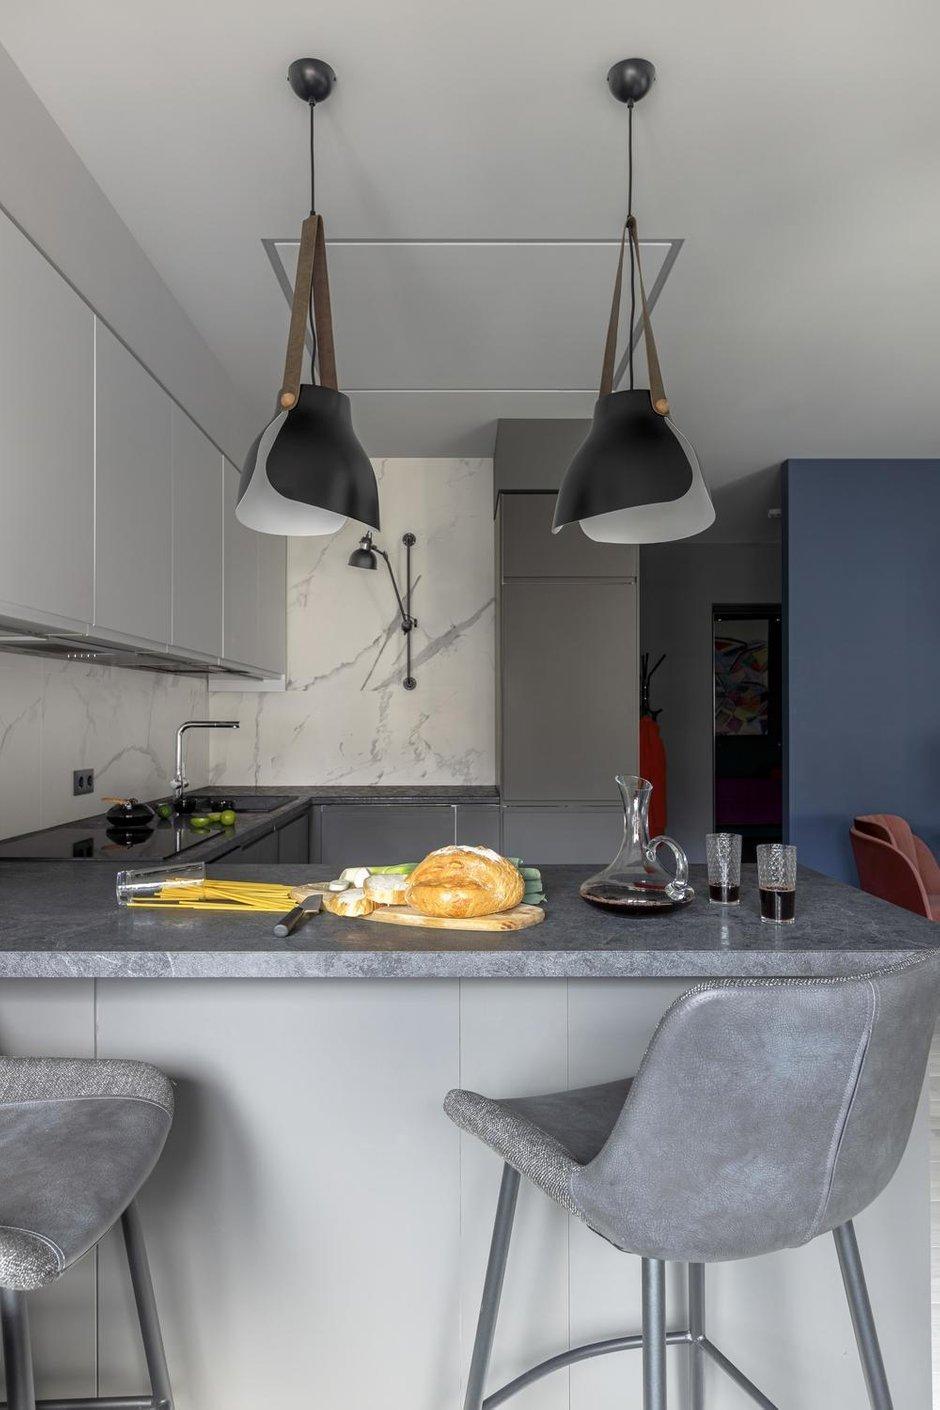 Фотография: Кухня и столовая в стиле Современный, Квартира, Проект недели, Санкт-Петербург, 2 комнаты, 60-90 метров, Balka.Studio – фото на INMYROOM